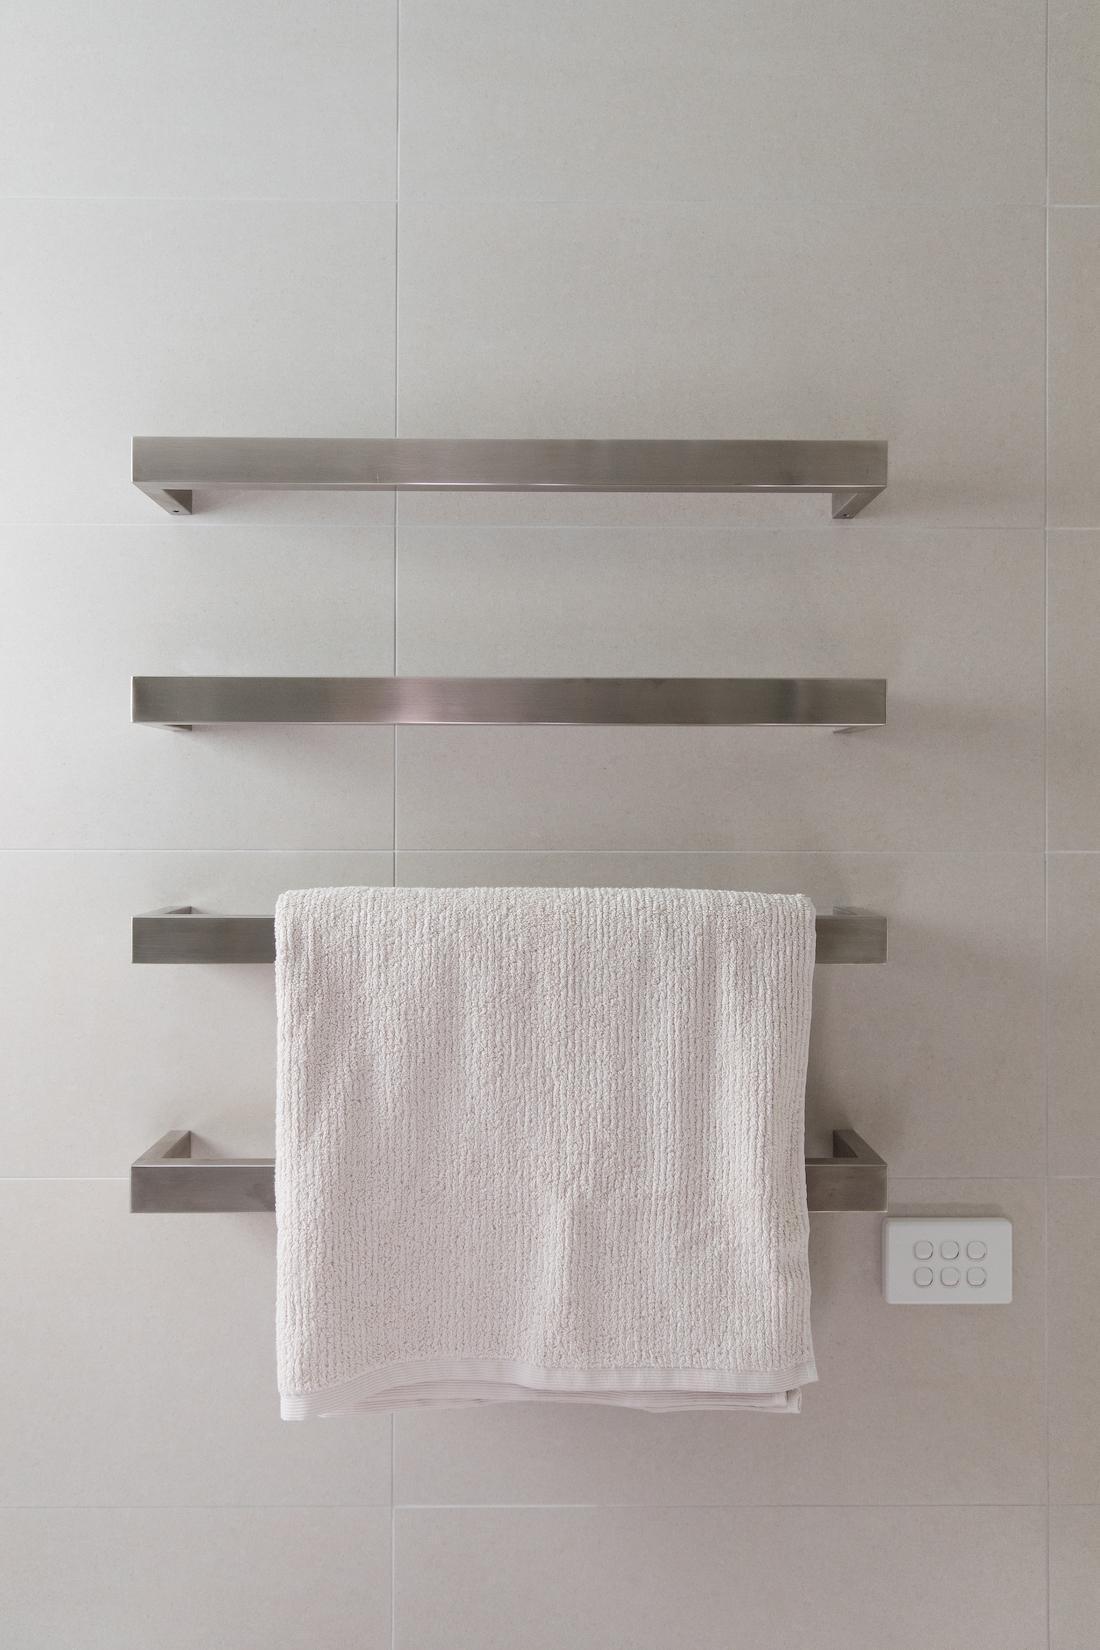 Heated towel rail bars